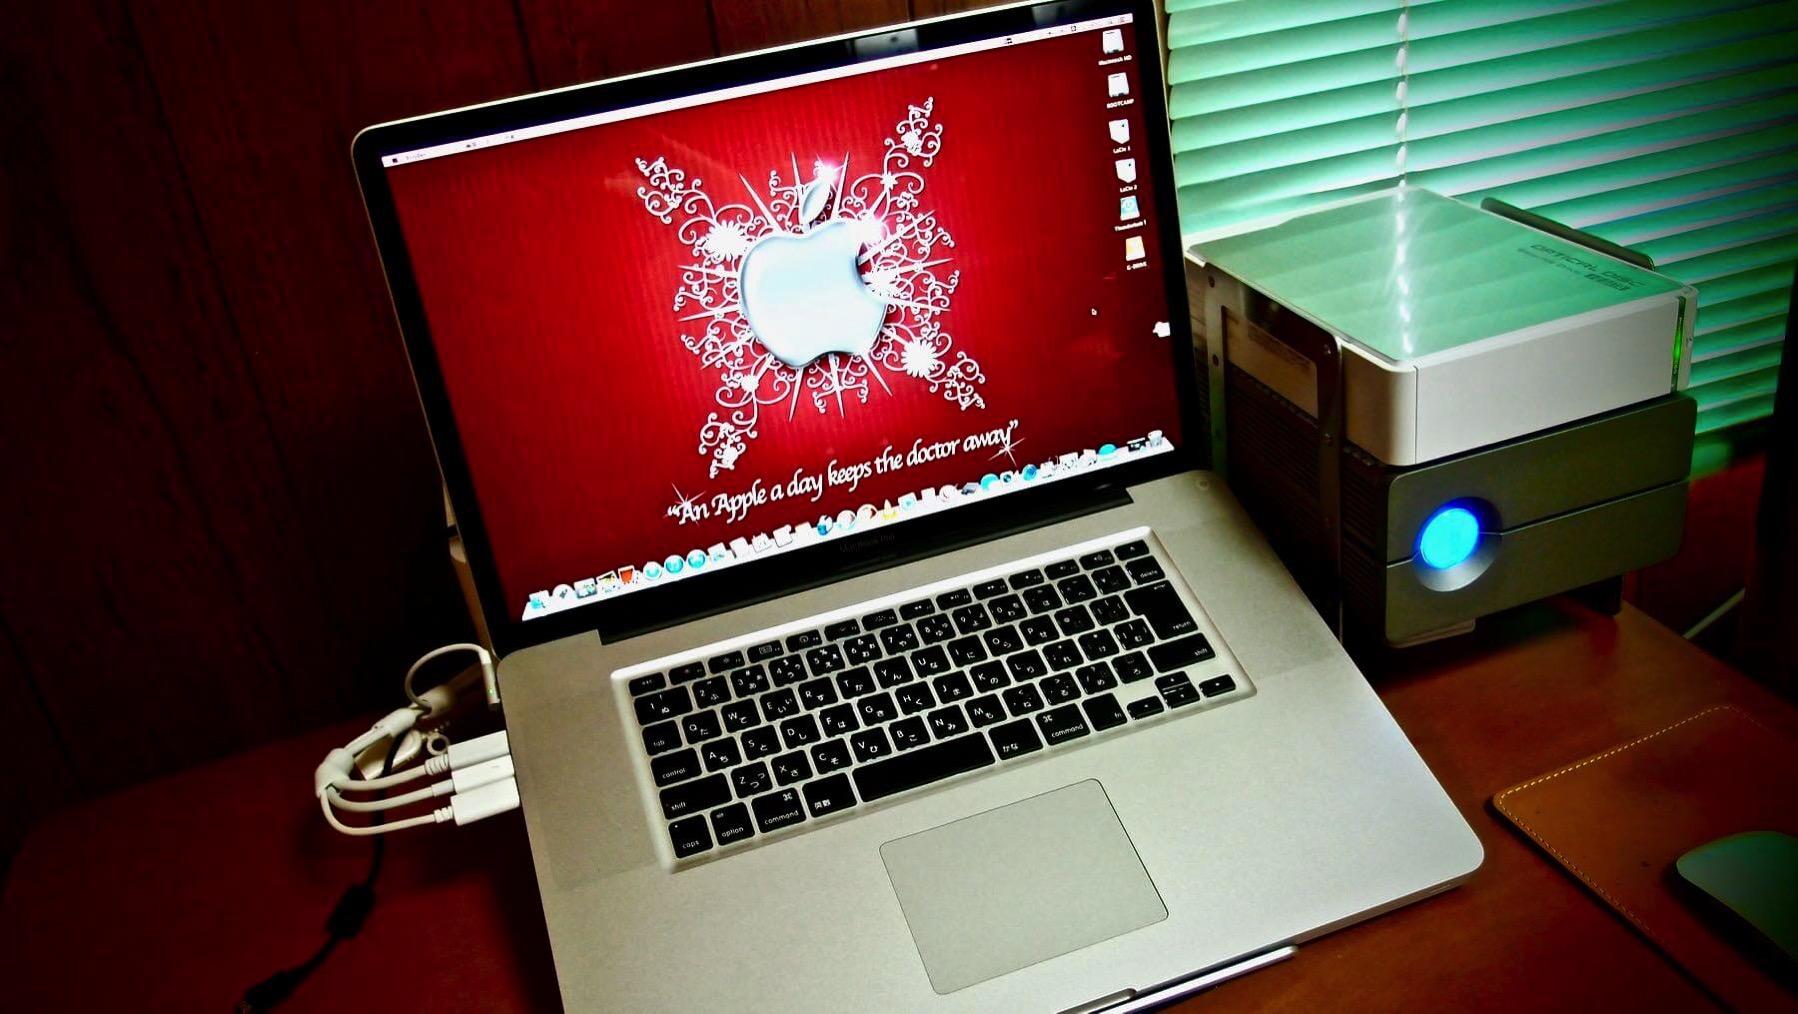 02 MacBook Pro 2011 17inch